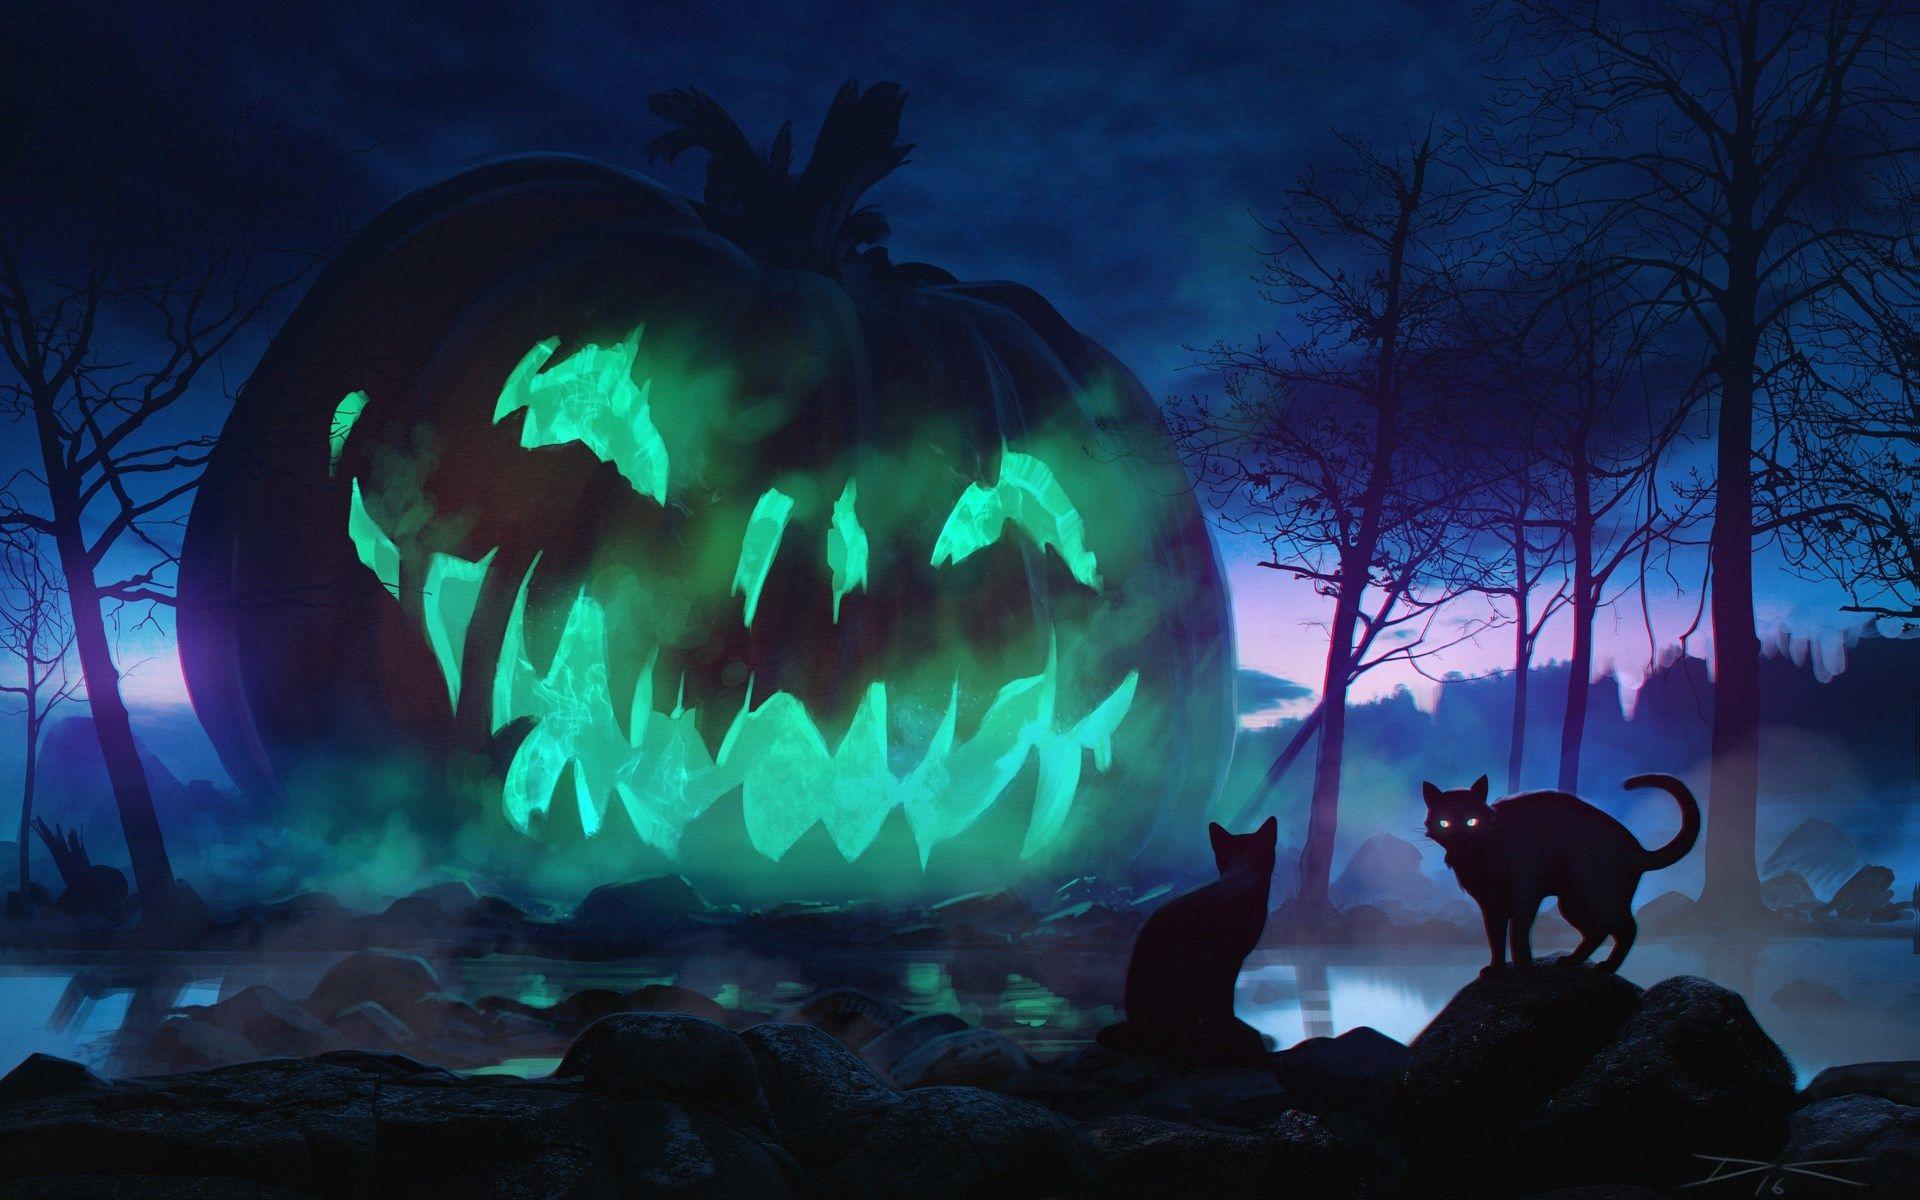 Fantastic Wallpaper Halloween High Resolution - cbbb91c9bec4b63d0221a19d3924b49b  Snapshot_749878.jpg